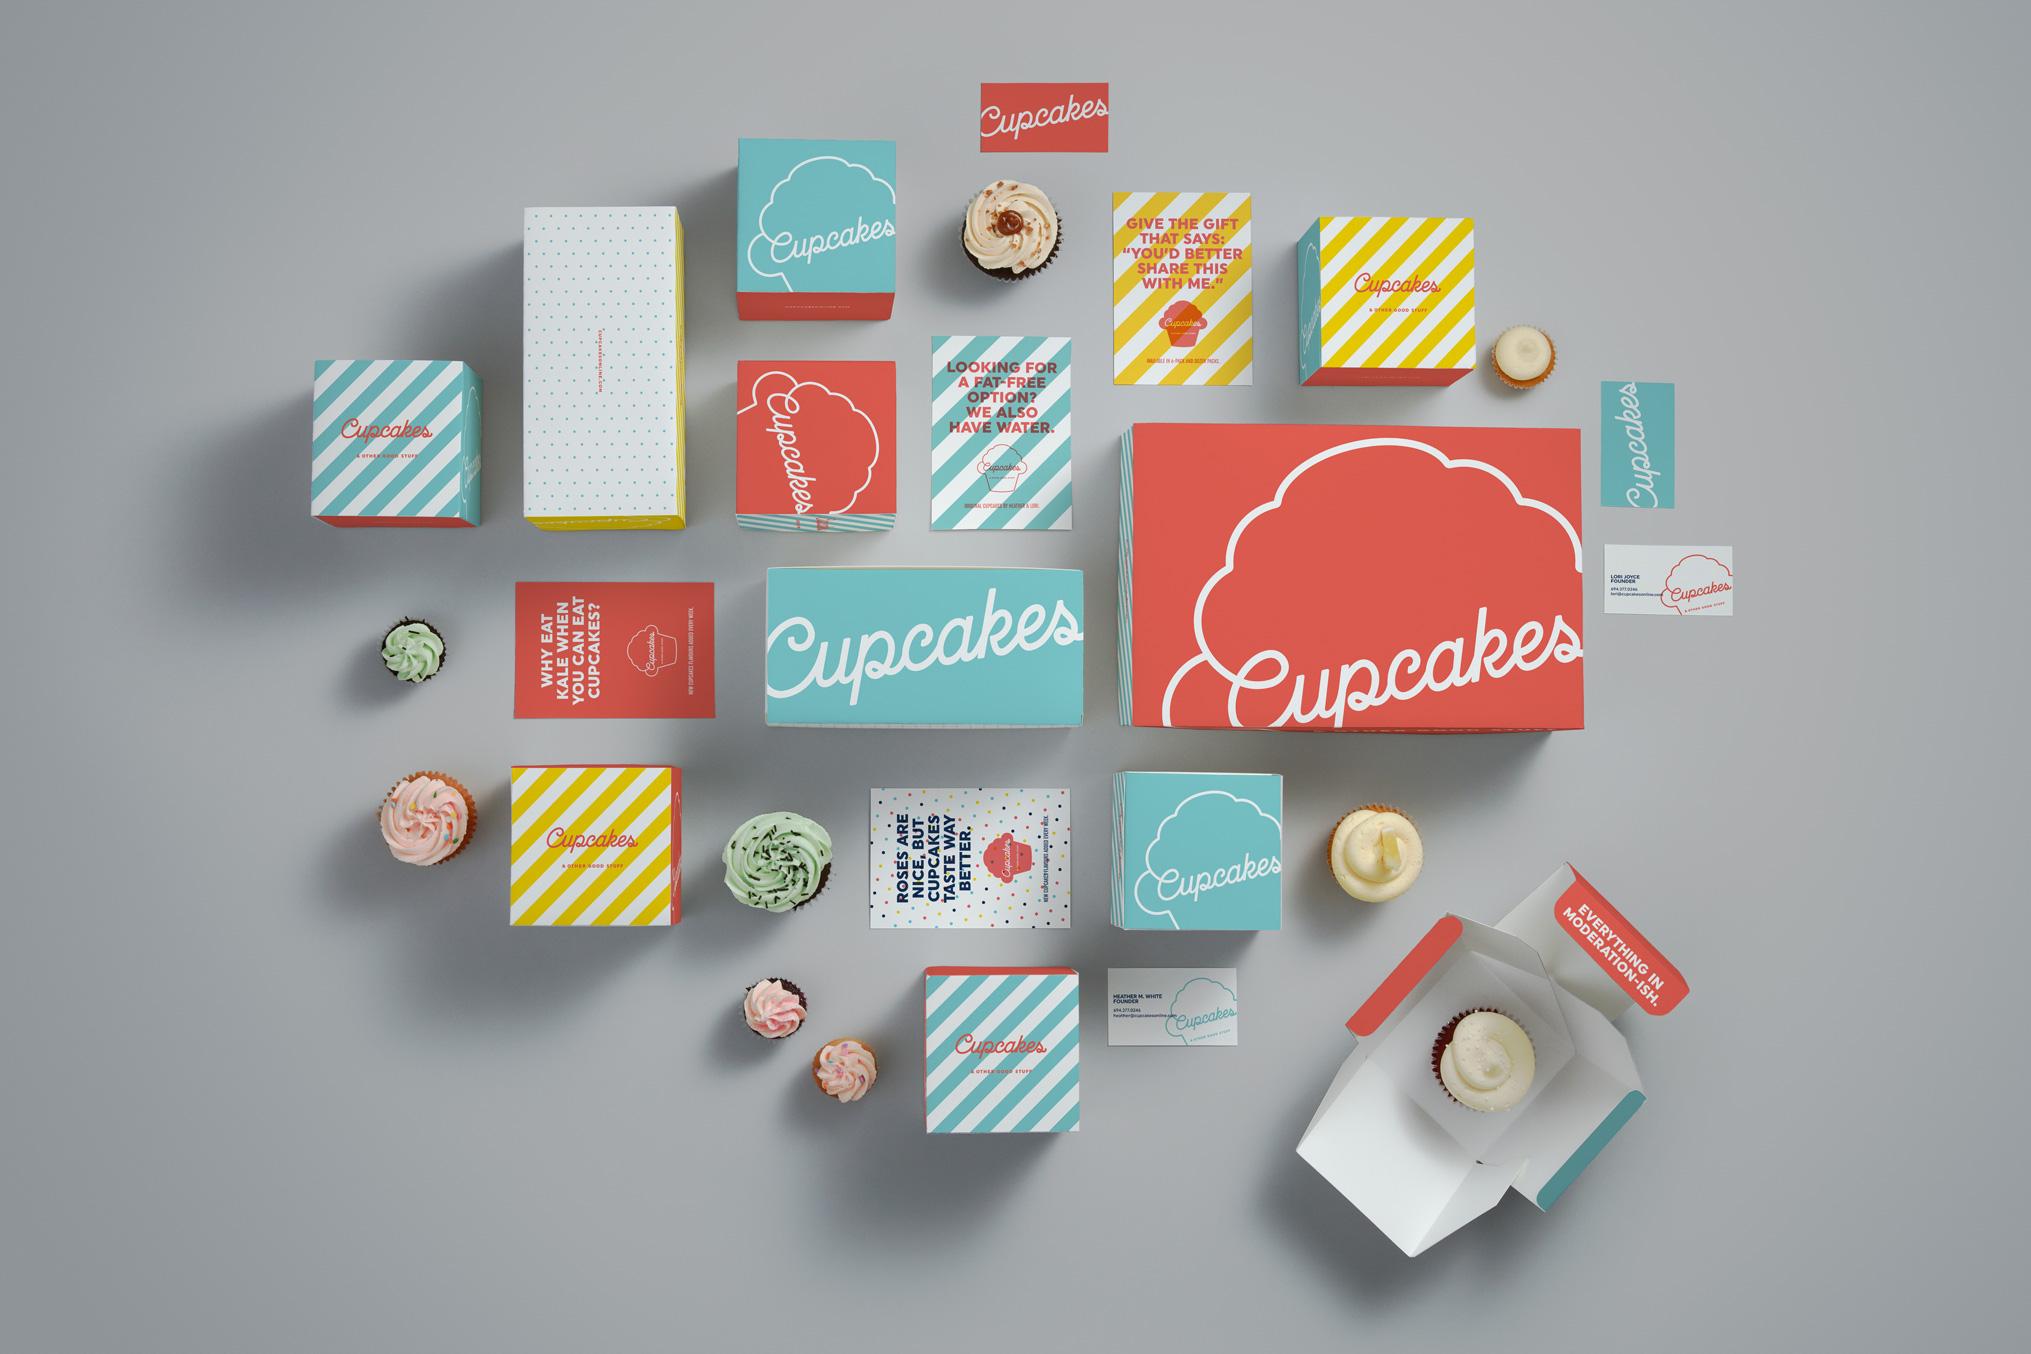 Cupcakes-Packaging-Overhead-Large.jpg